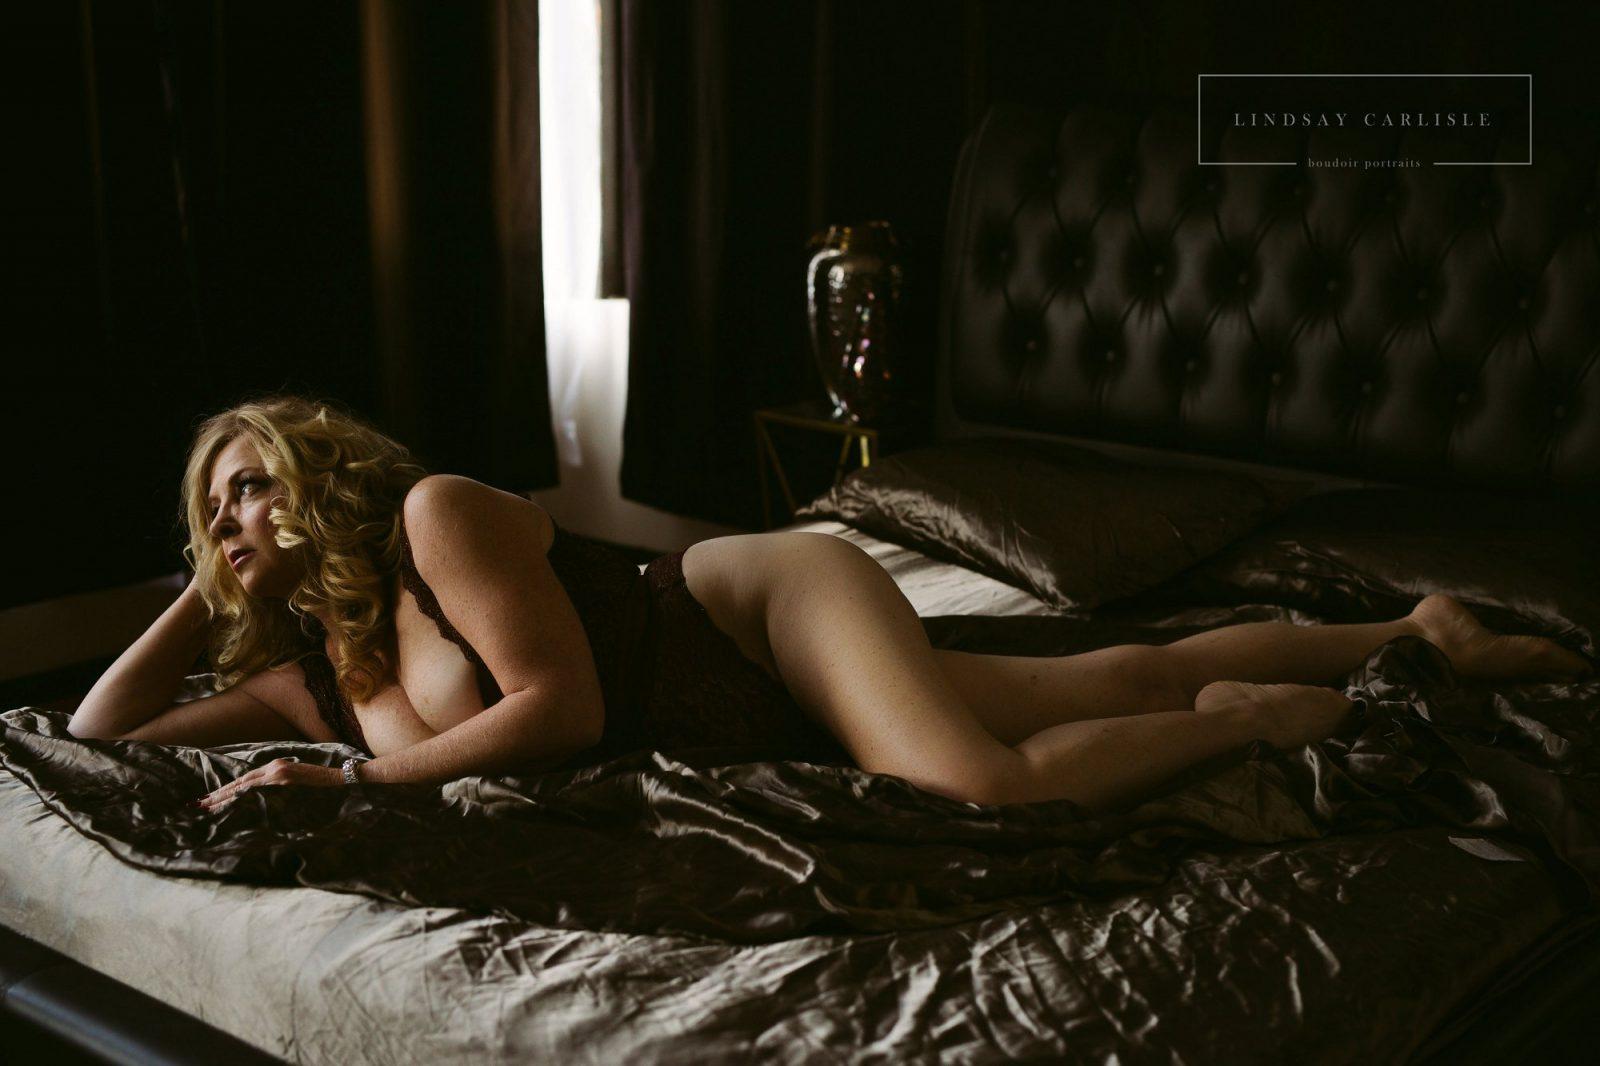 miami boudoir photo shoot